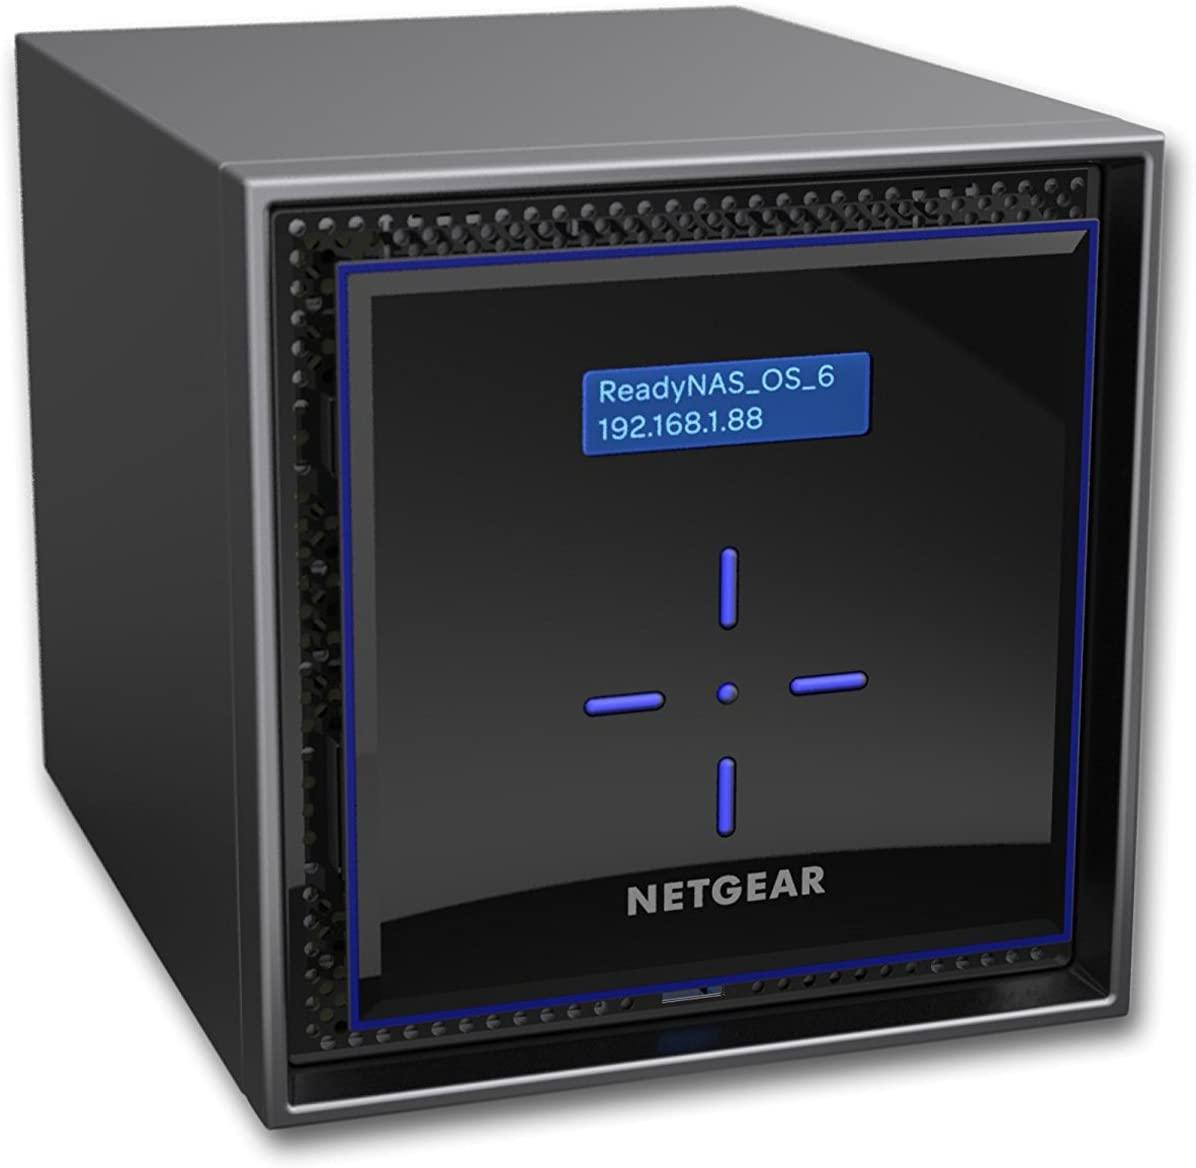 NETGEAR ReadyNAS 424 Diskless Netzwerkspeicher (NAS-Server, 4 Schächte, RAID 0, 1, 5, 6, 10, JBOD, Gigabit Ethernet, iSCSI)